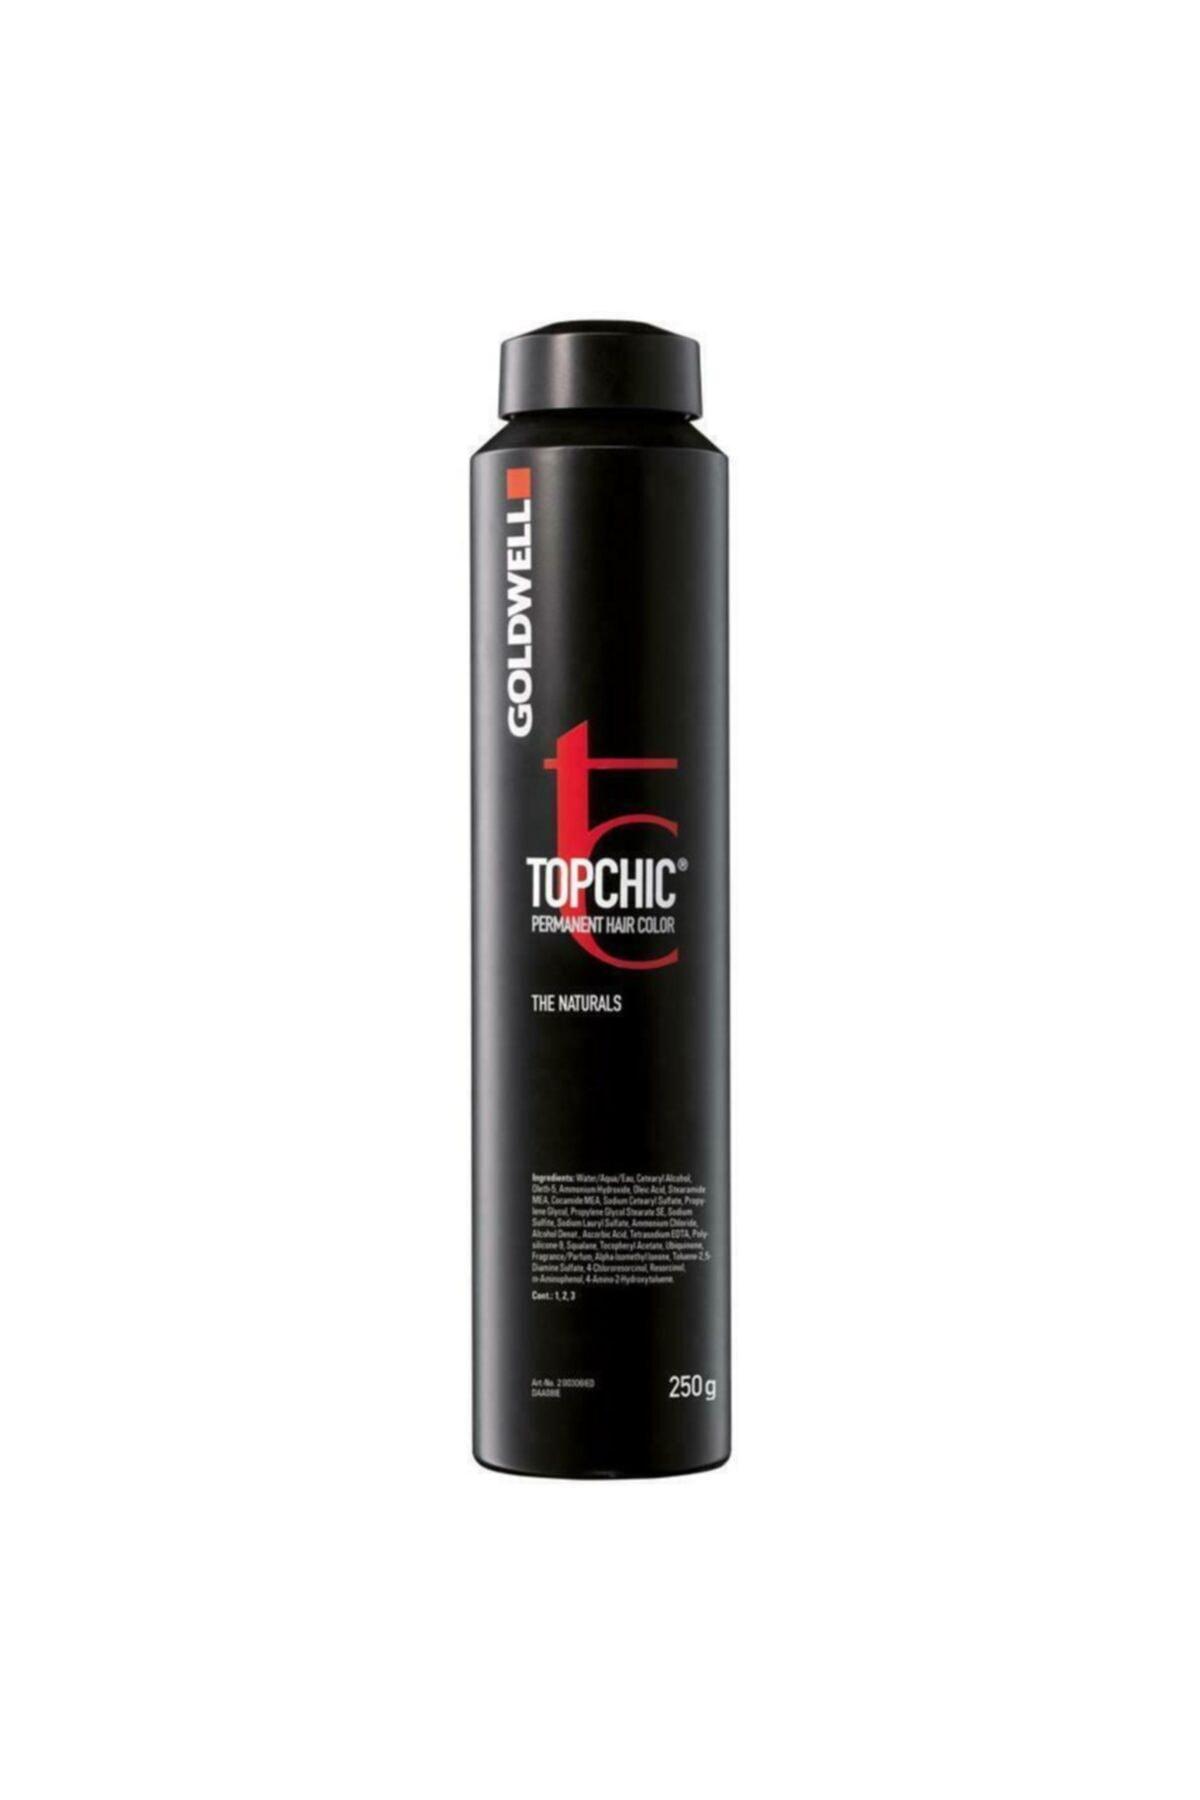 GOLDWELL 6sb Koyu Kumral Soğuk Bej Topchich Kalıcı Saç Boyası 250 ml 1